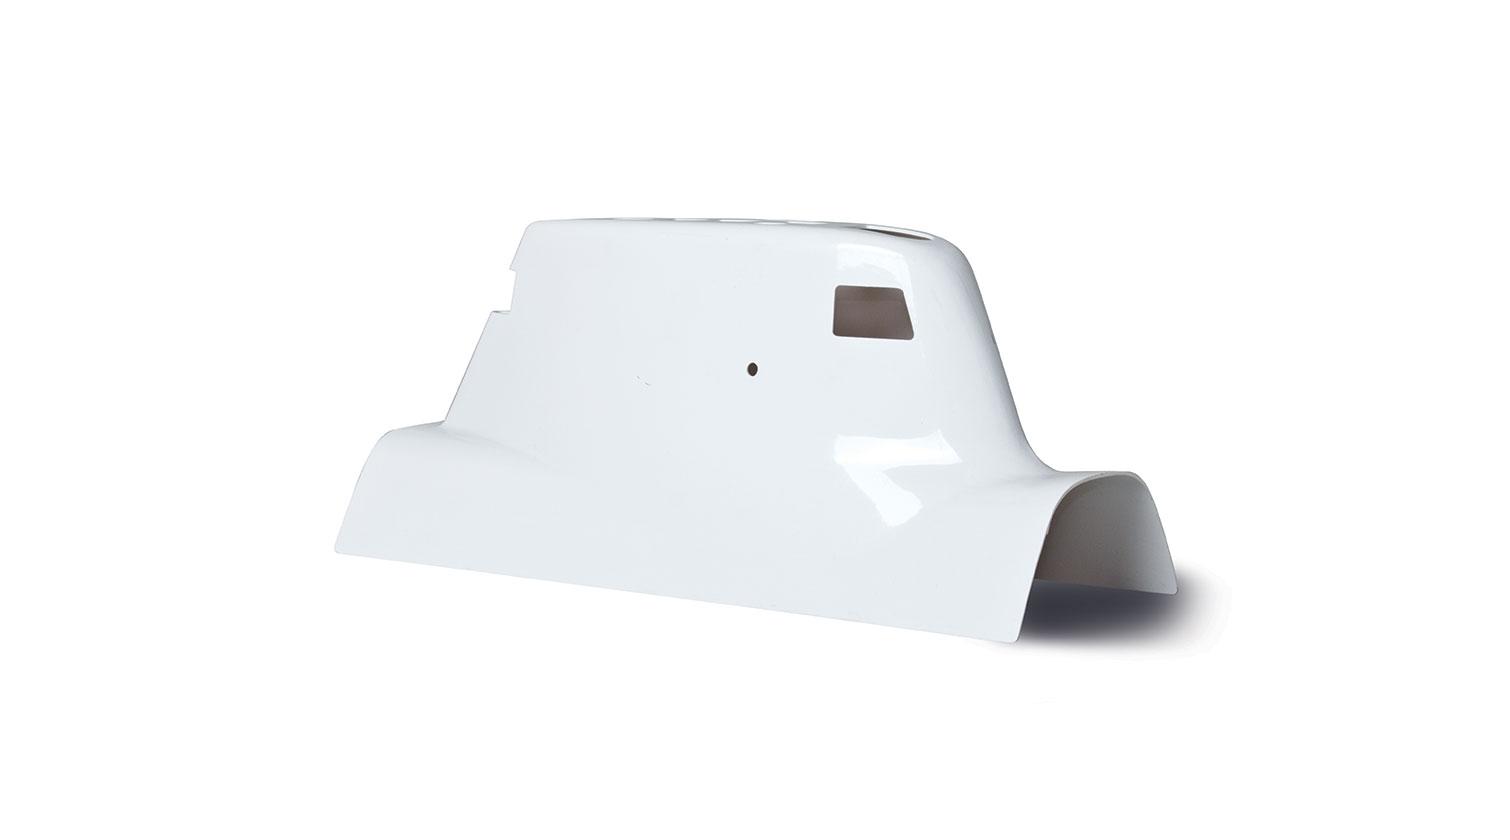 INT gantry CNC Imes Icore MMF plastic a